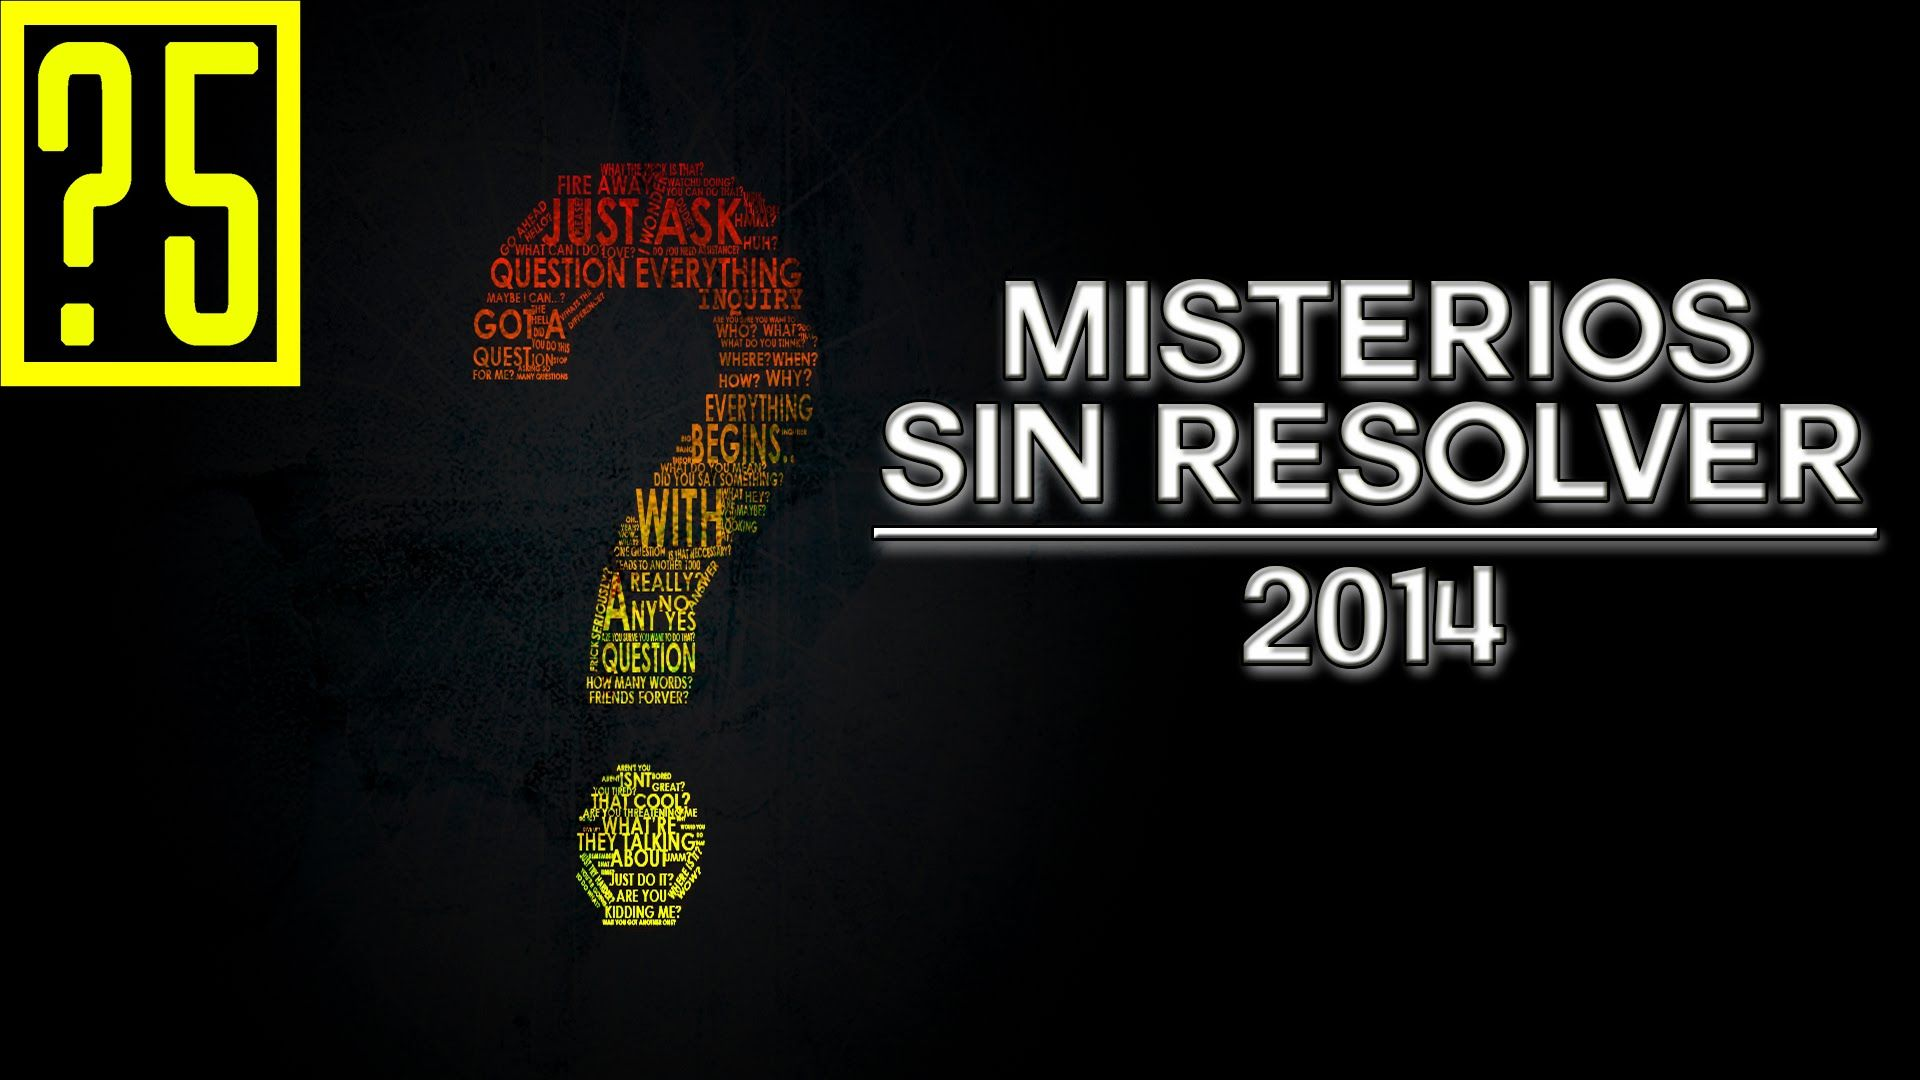 Los 5 mayores Misterios Sin Resolver de 2014